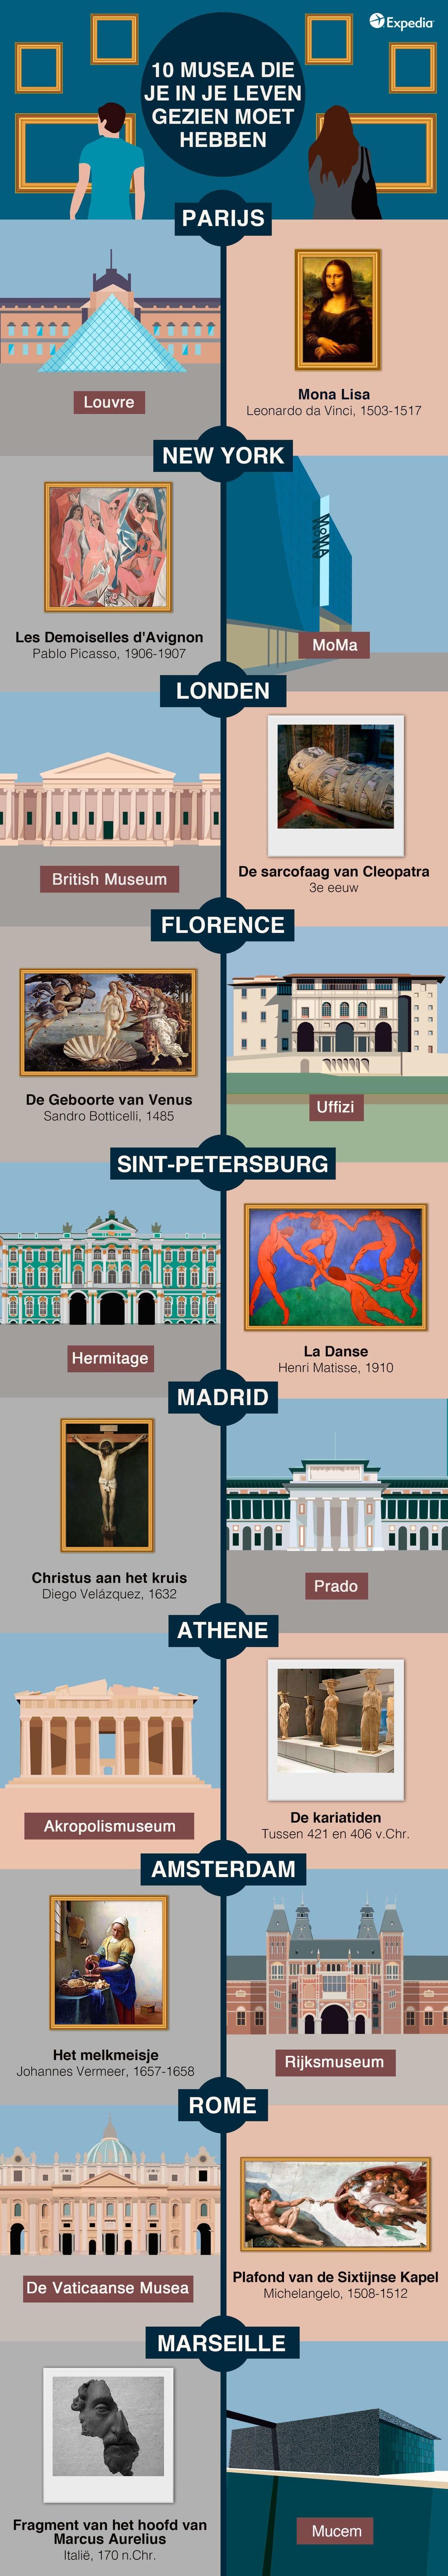 10 musea die je gezien moet hebben